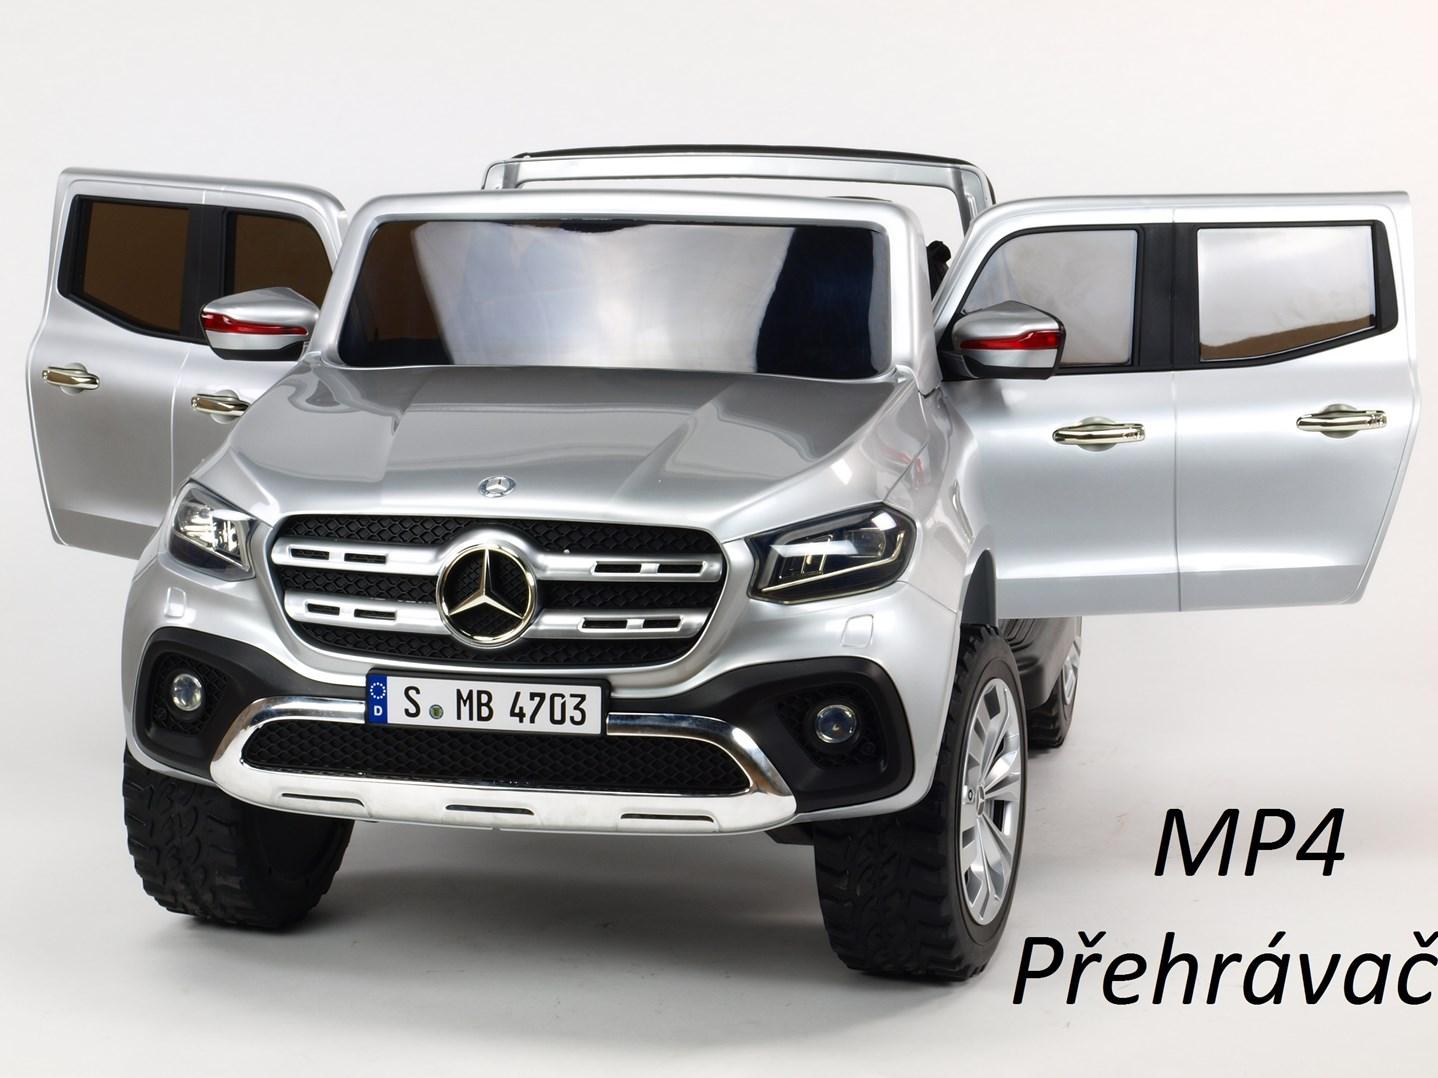 Mercedes  Benz X-Class 4x4, dvoumístný pick up s 2.4G DO, plynulým rozjezdem,USB,Mp4 přehrávač, čalouněním, EVA koly  XMX606.silver